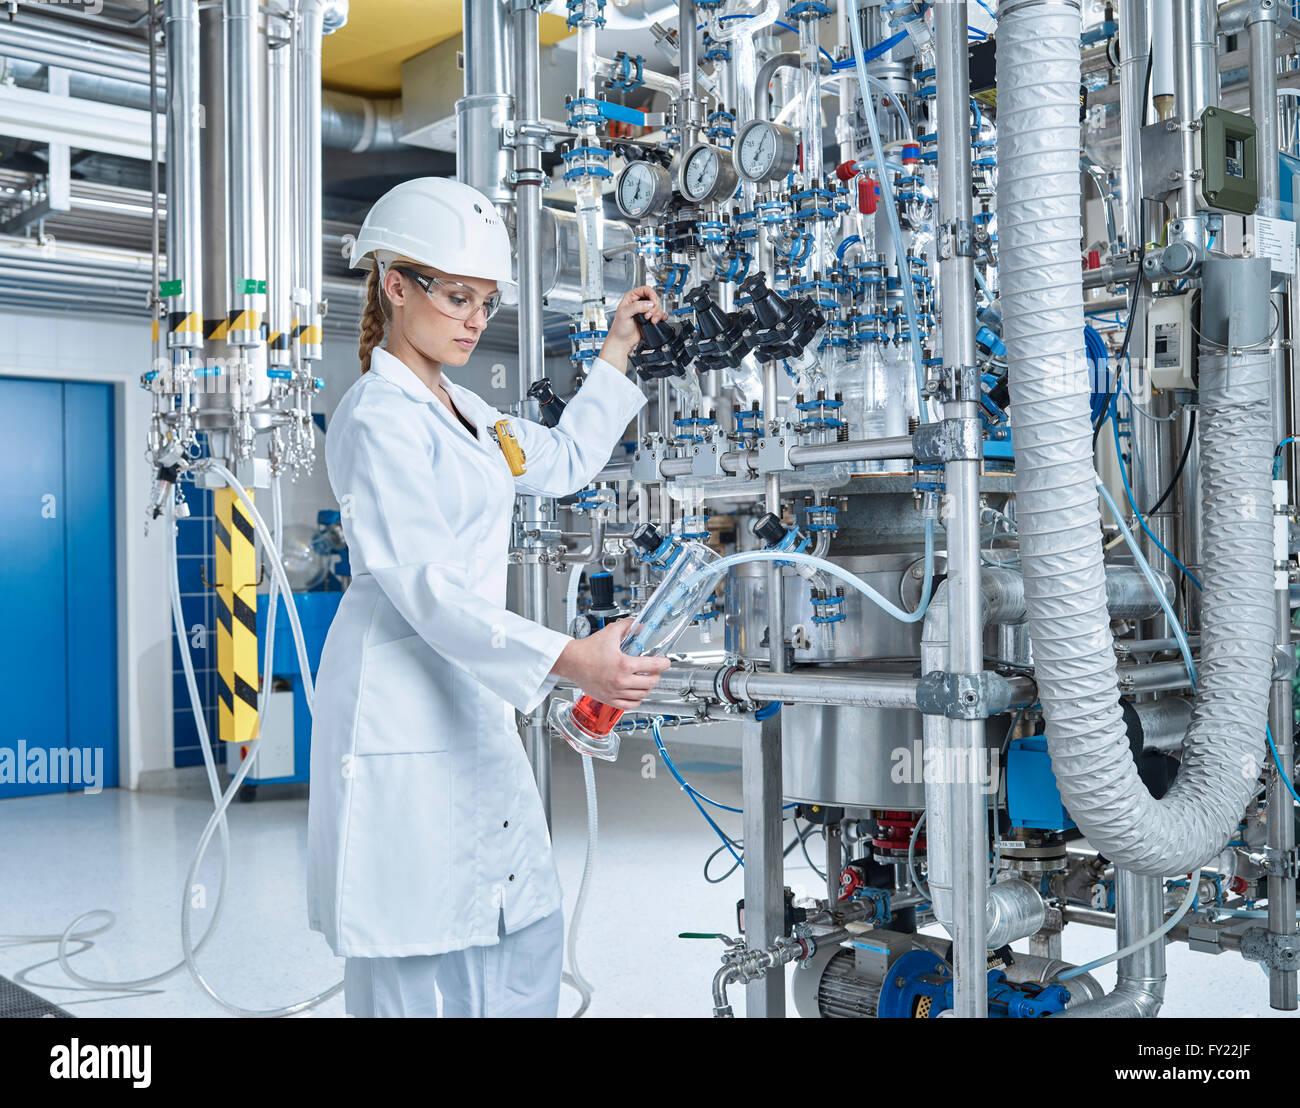 Assistant de laboratoire femelle, 20-25 ans, d'une pharmacie d'un navire de remplissage avec un liquide Photo Stock